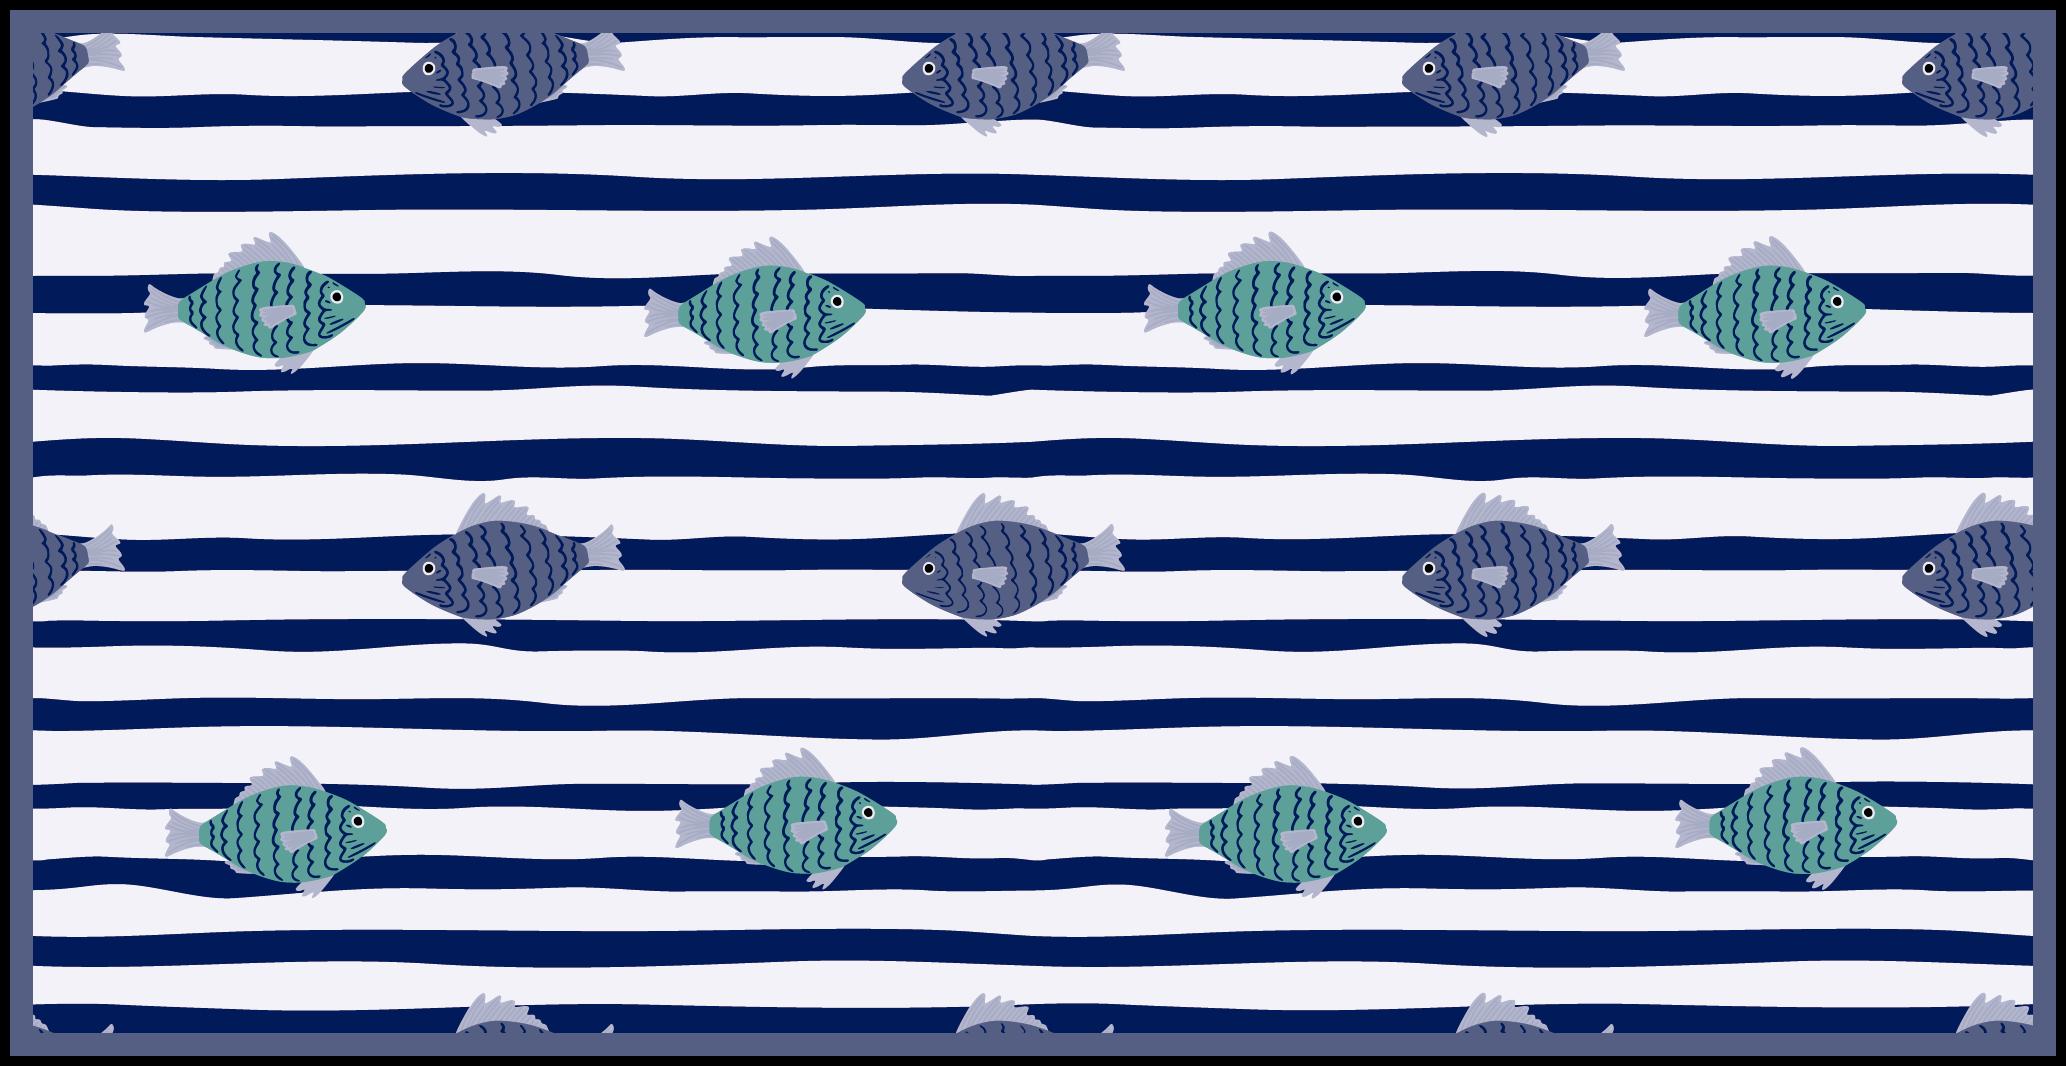 TenStickers. Dywan winylowy w różne ryby. Podłogi laminowane do łazienki o tematyce morskiej, które będą wyglądać wyjątkowo w Twojej łazience! Wybierz swój rozmiar i zdobądź dekorację już teraz.